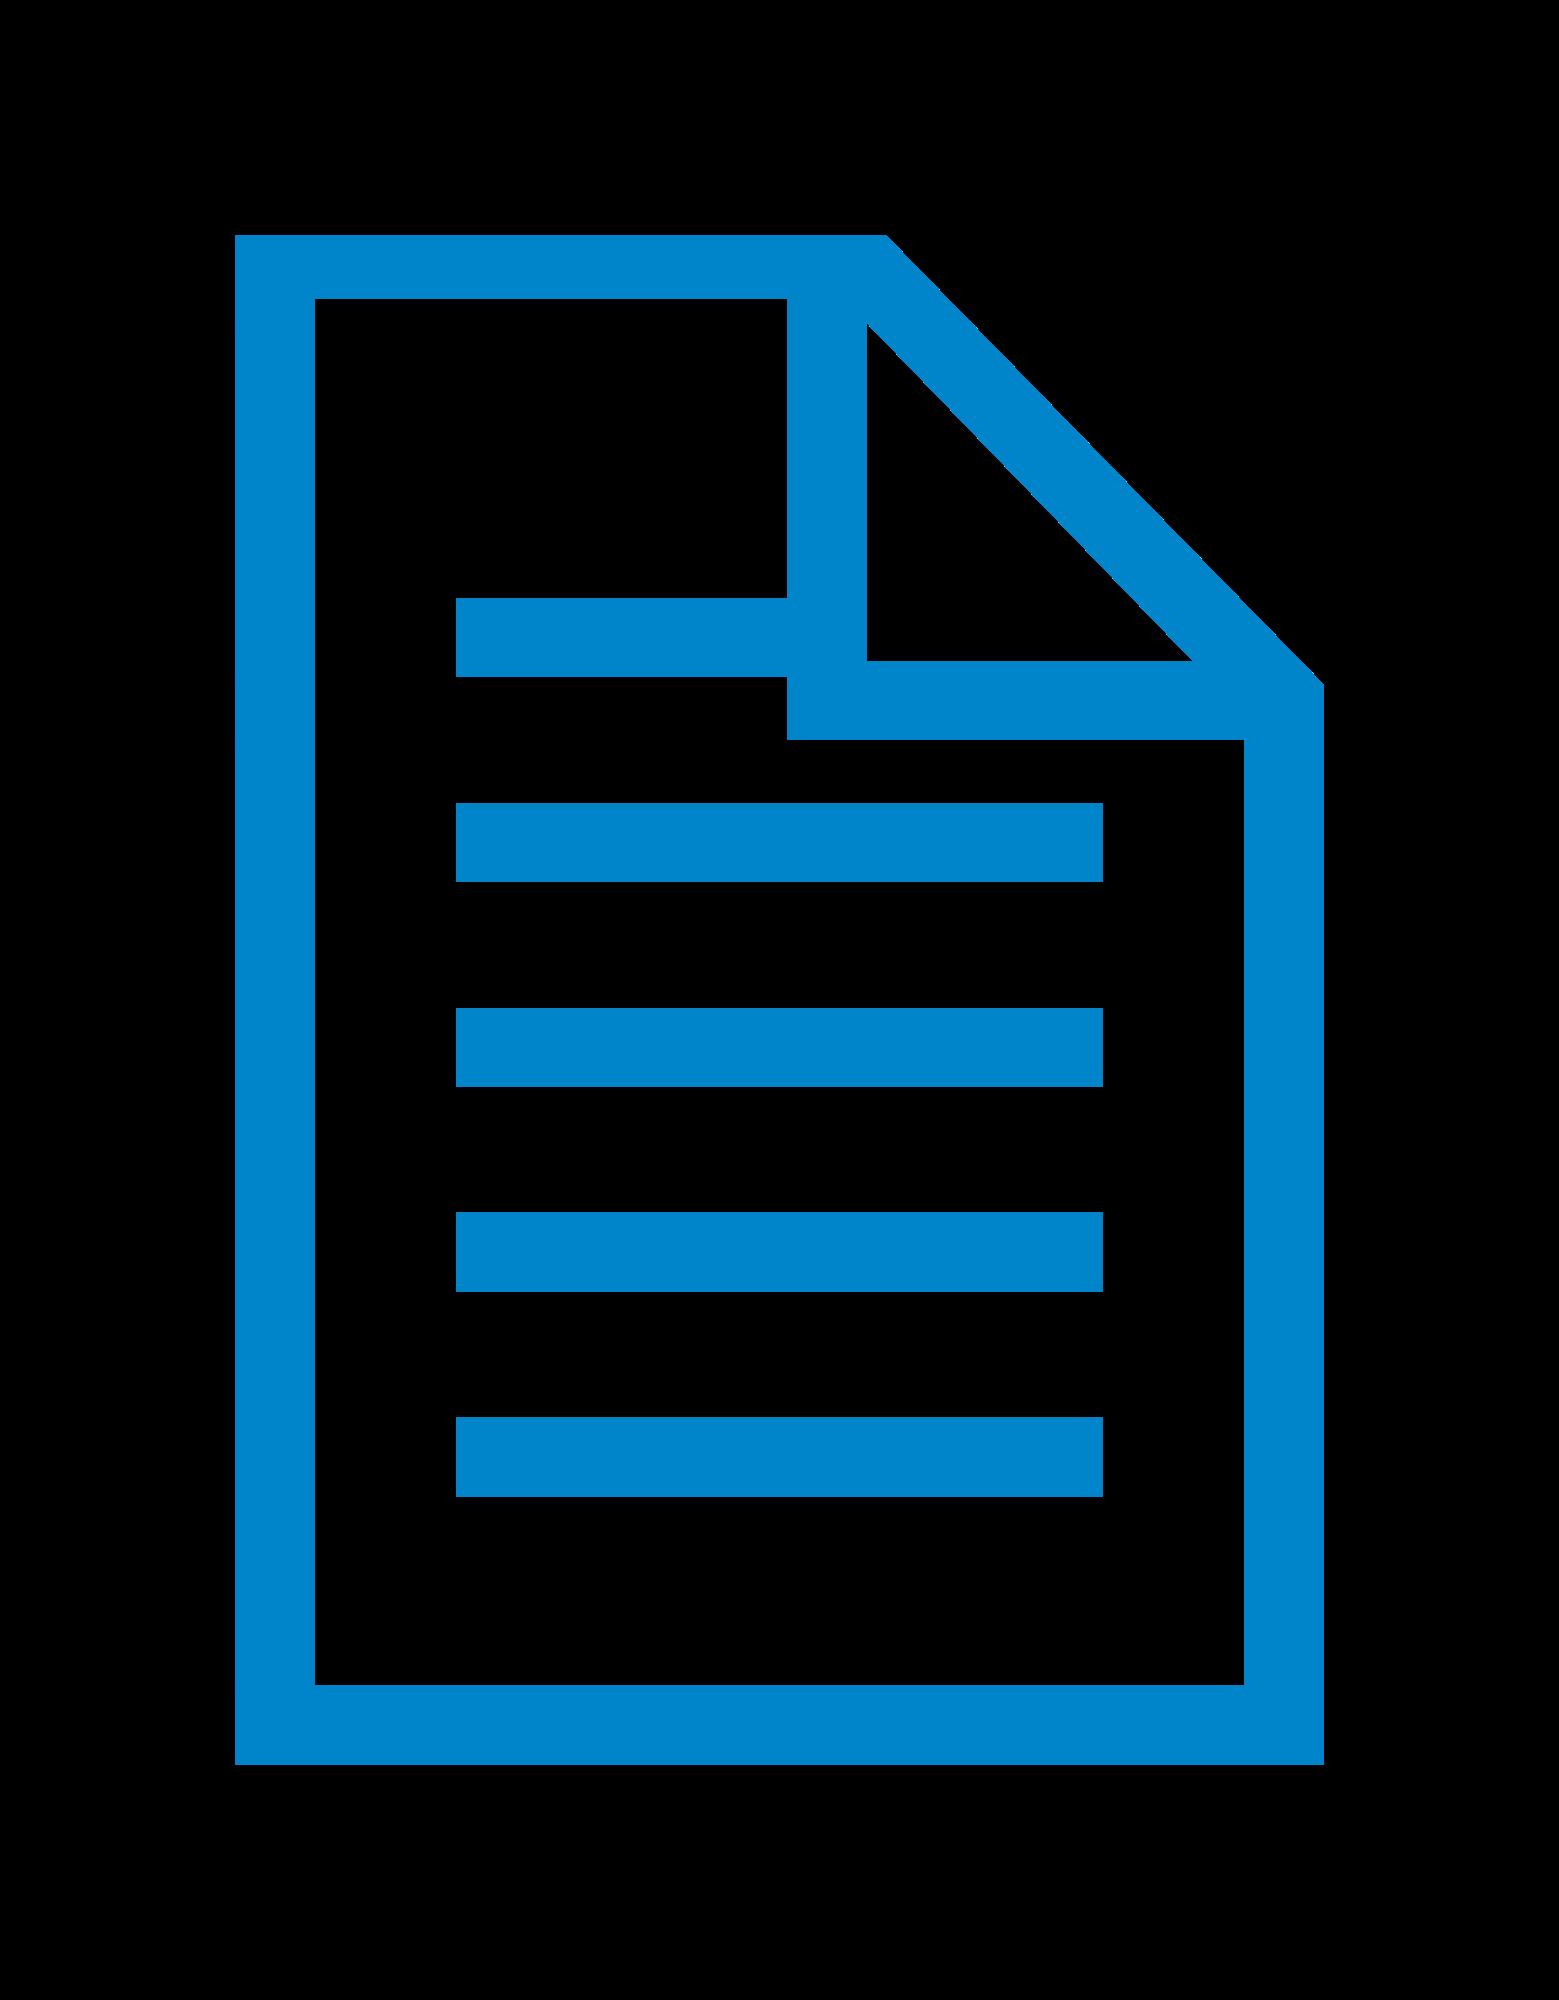 logo (58).png